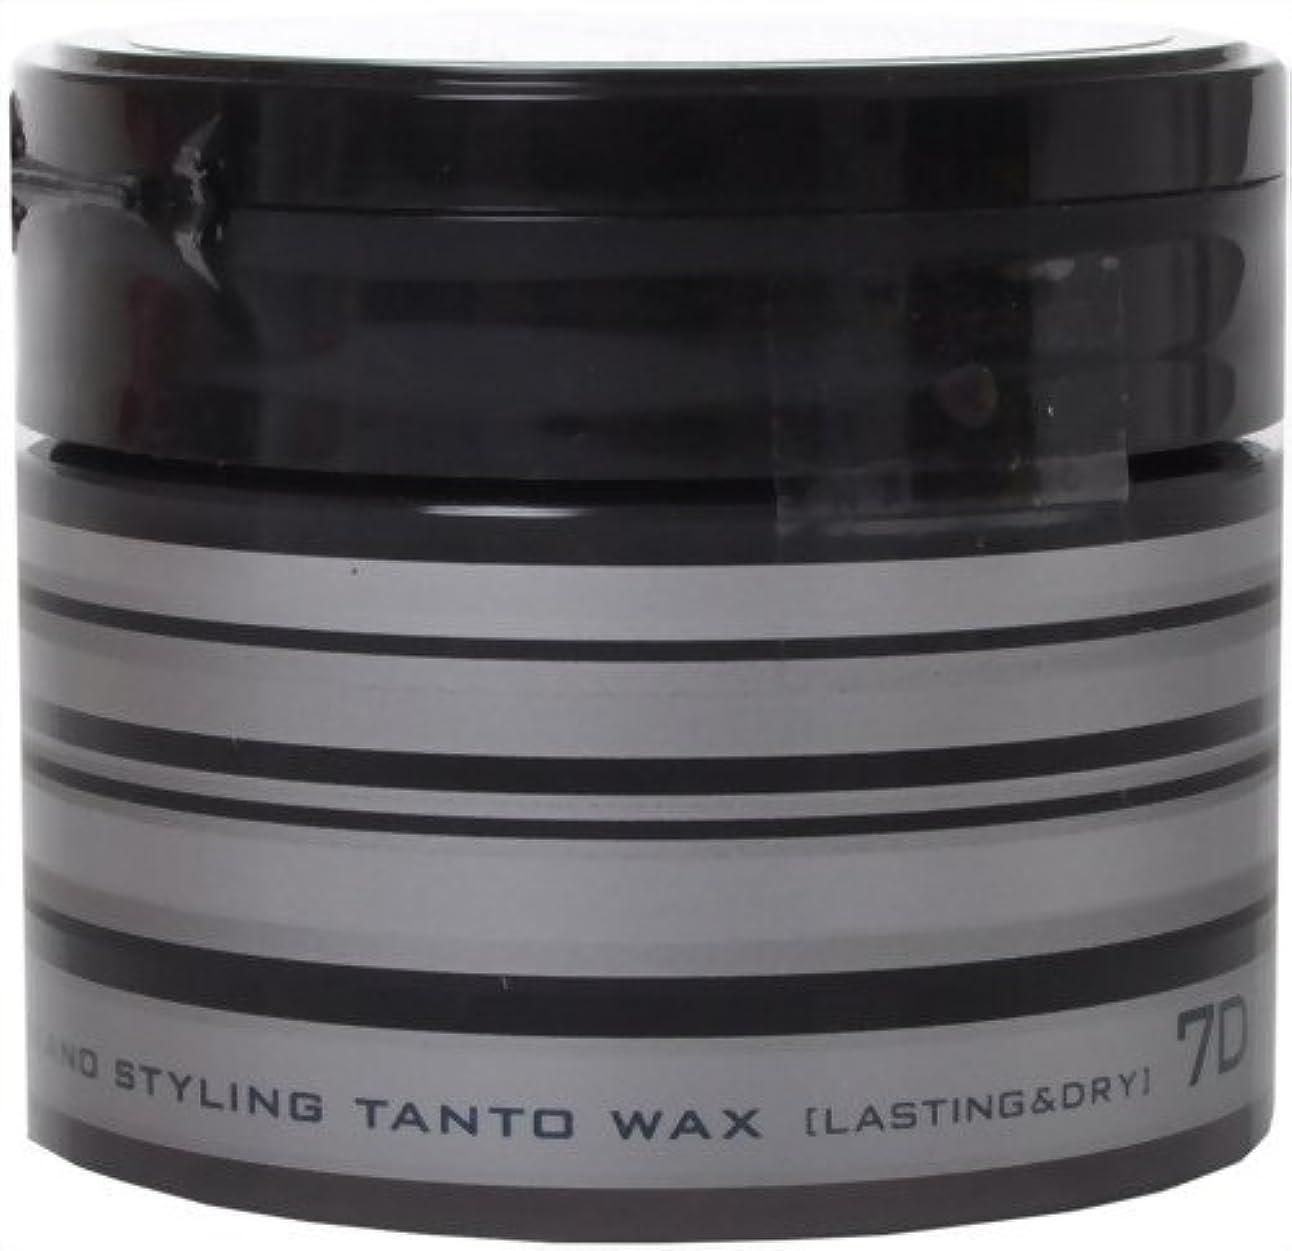 除去薬を飲むアラートナカノ タントワックス7D ラスティング&ドライ